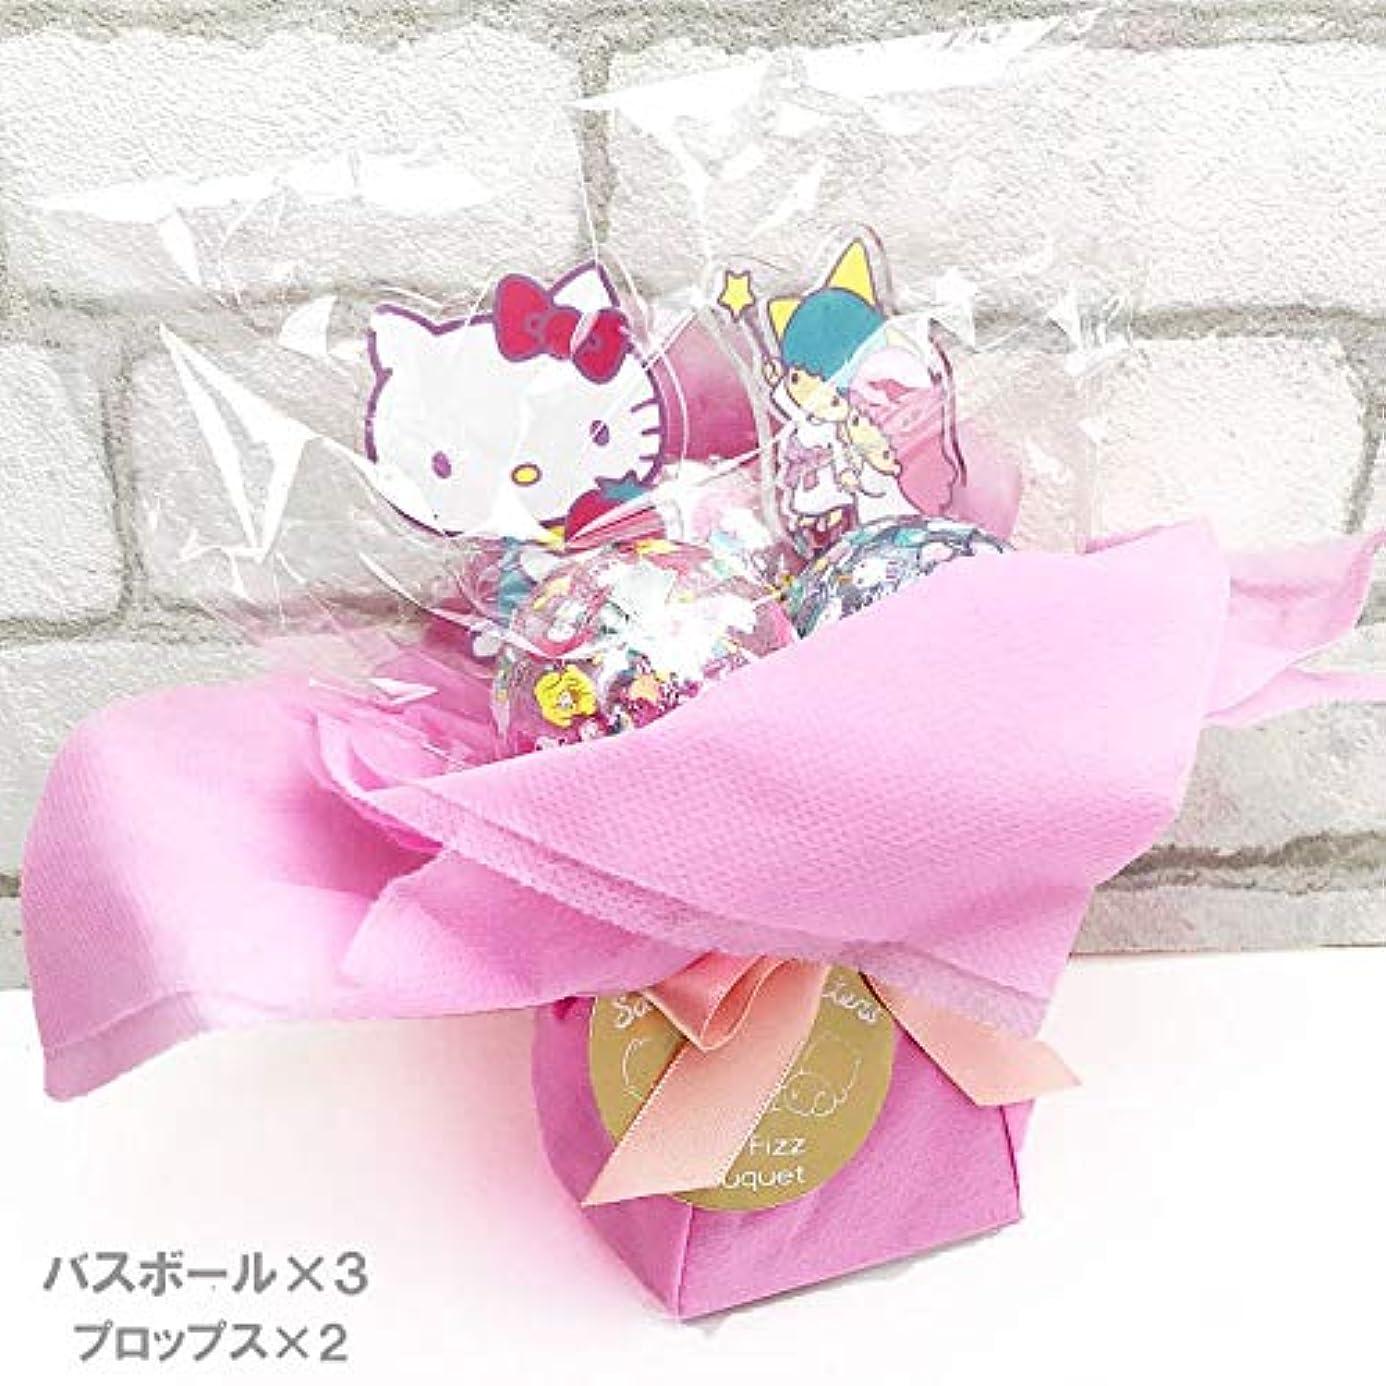 【サンリオキャラクターズ】プロップスフィズブーケ/バスボール&プロップス 069938